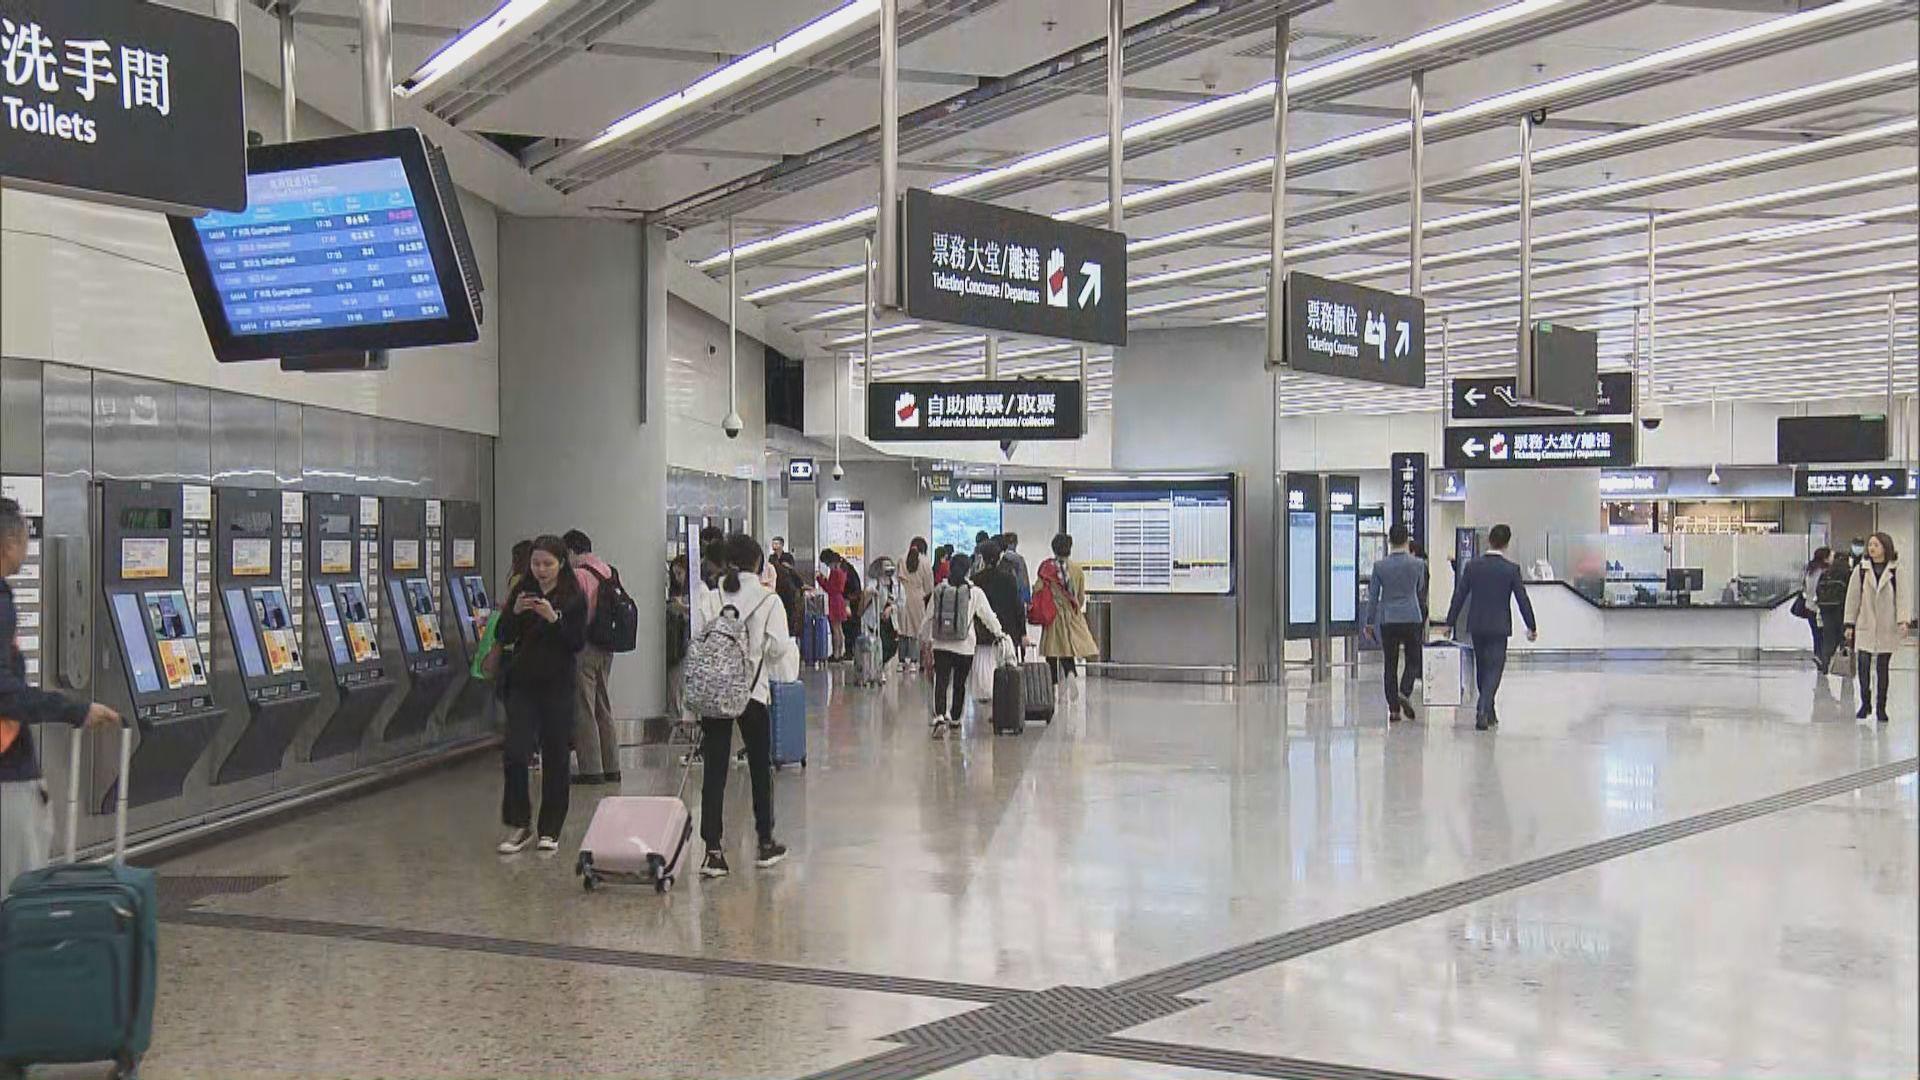 港鐵:已通知內地有關單位清潔涉事車廂